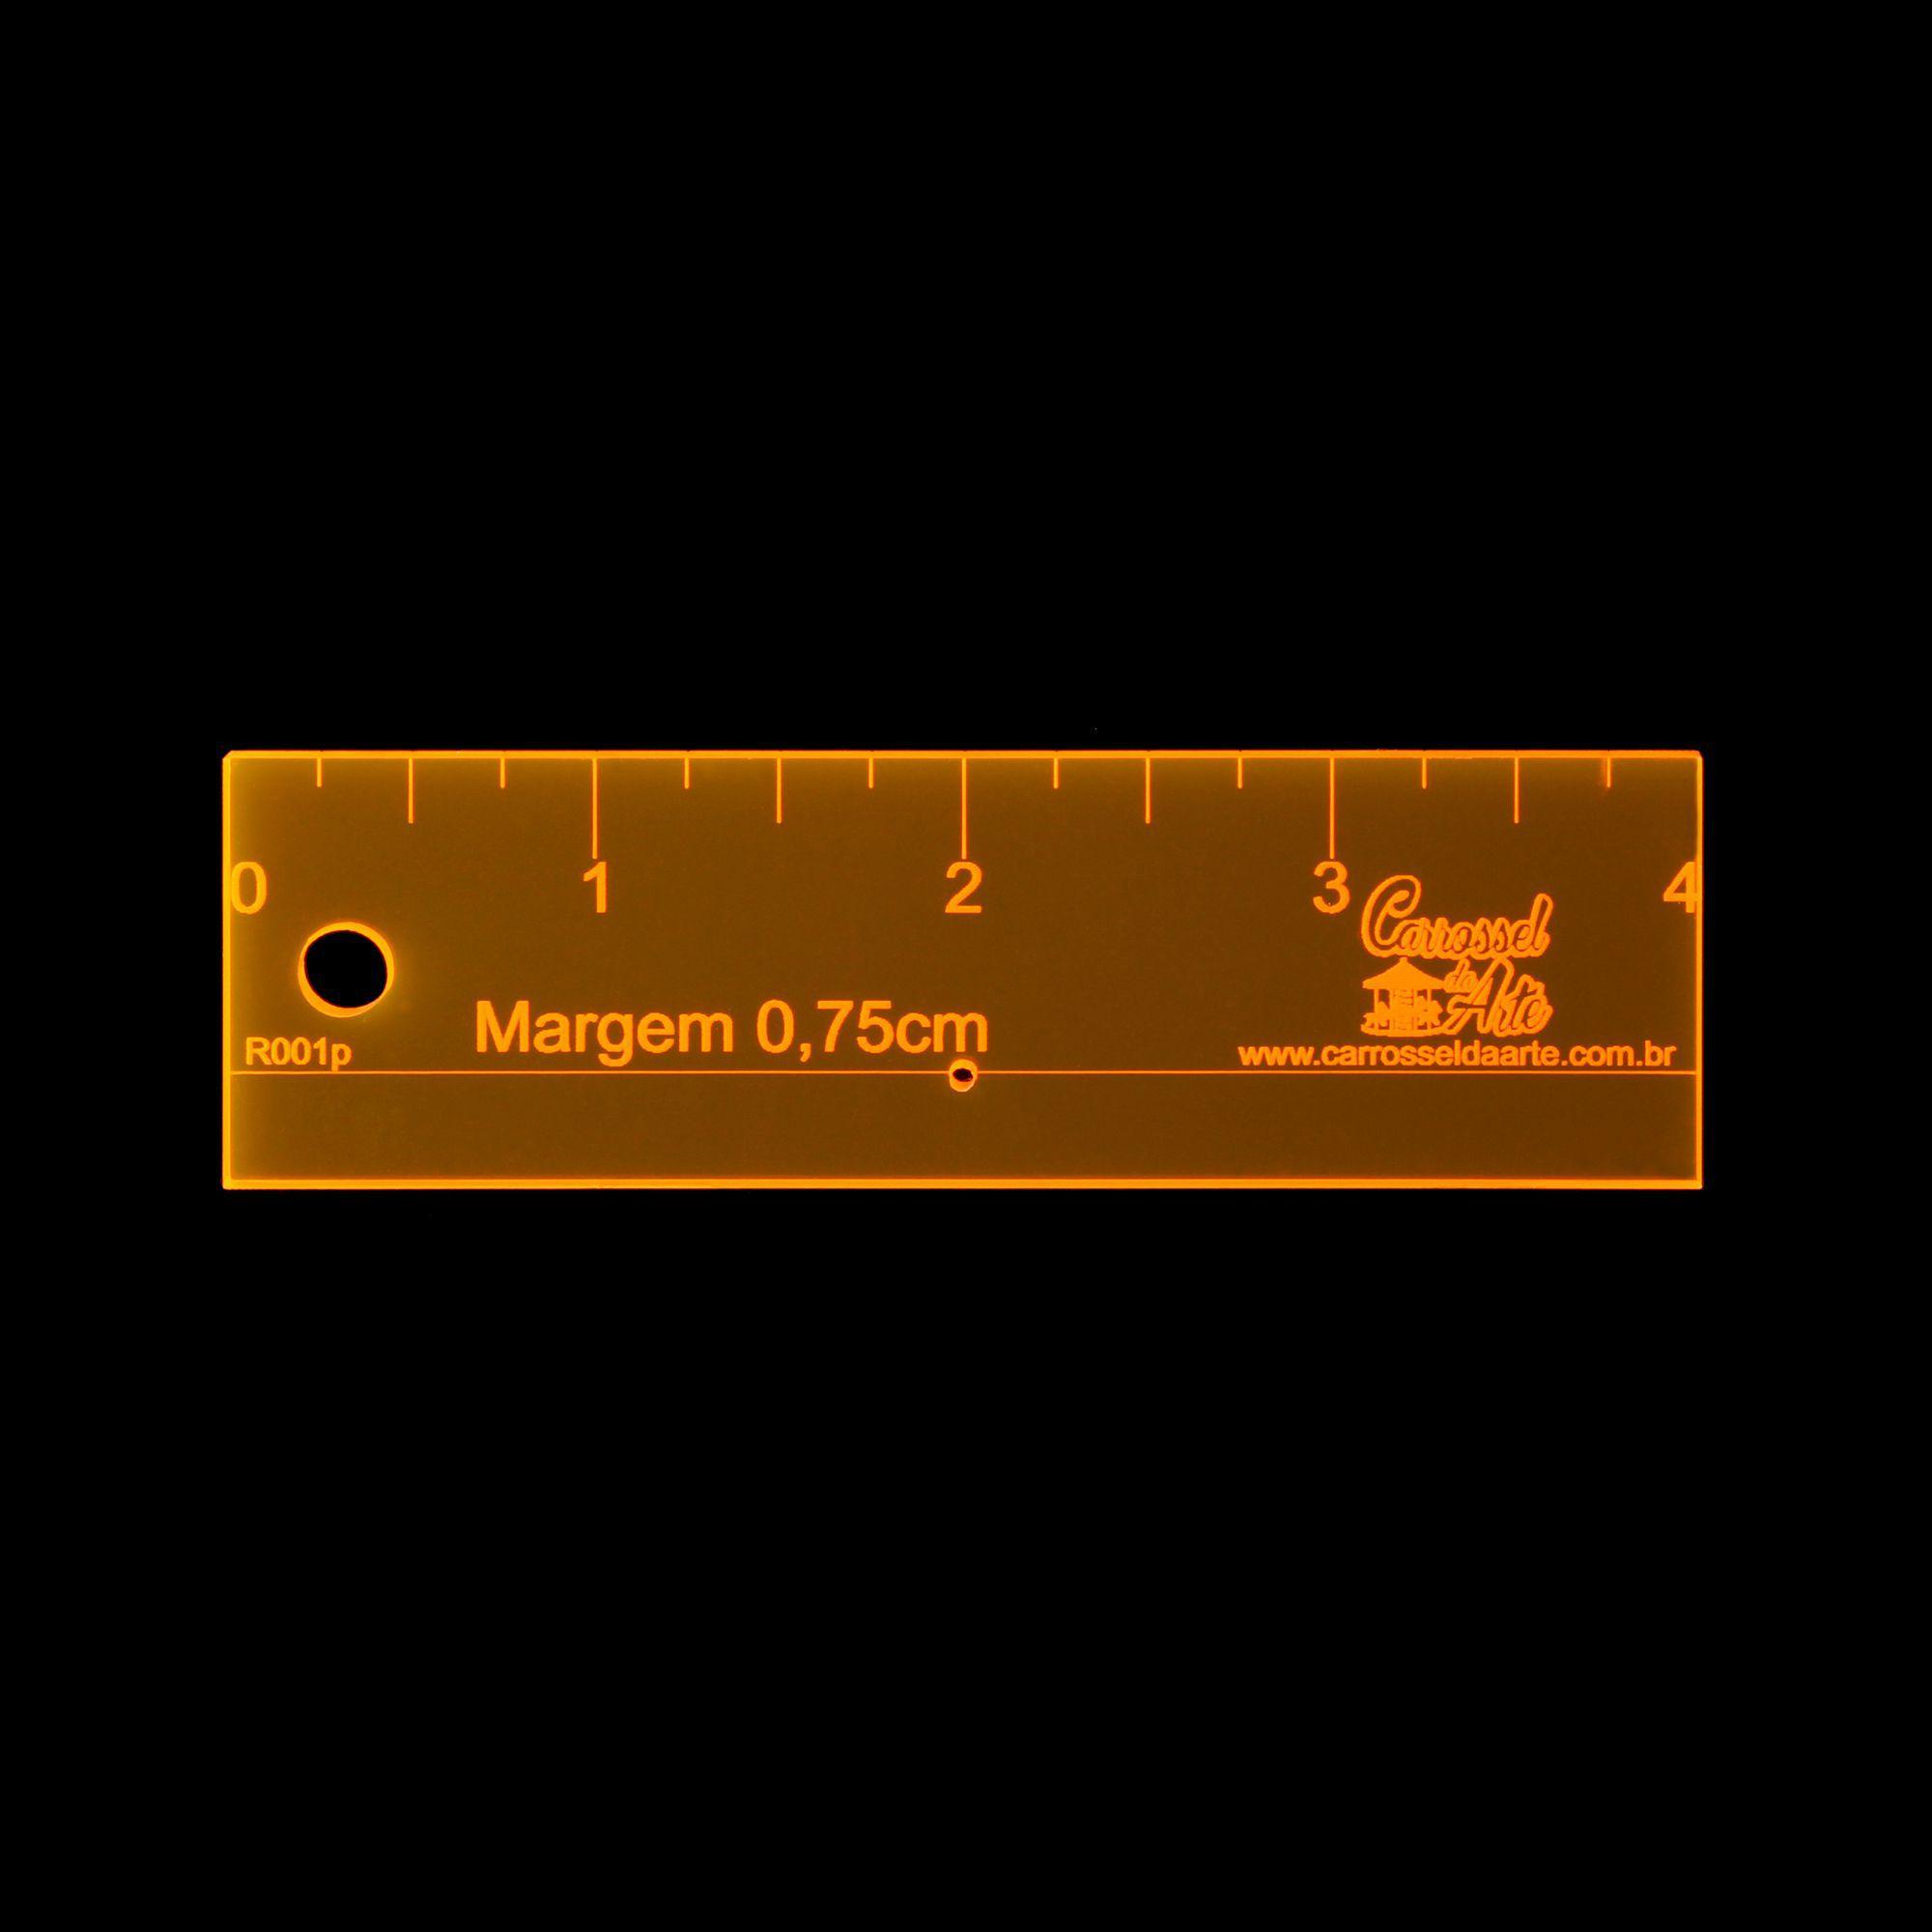 Régua Margem de Costura de 0,75cm, Polegada, com furo para agulha R001